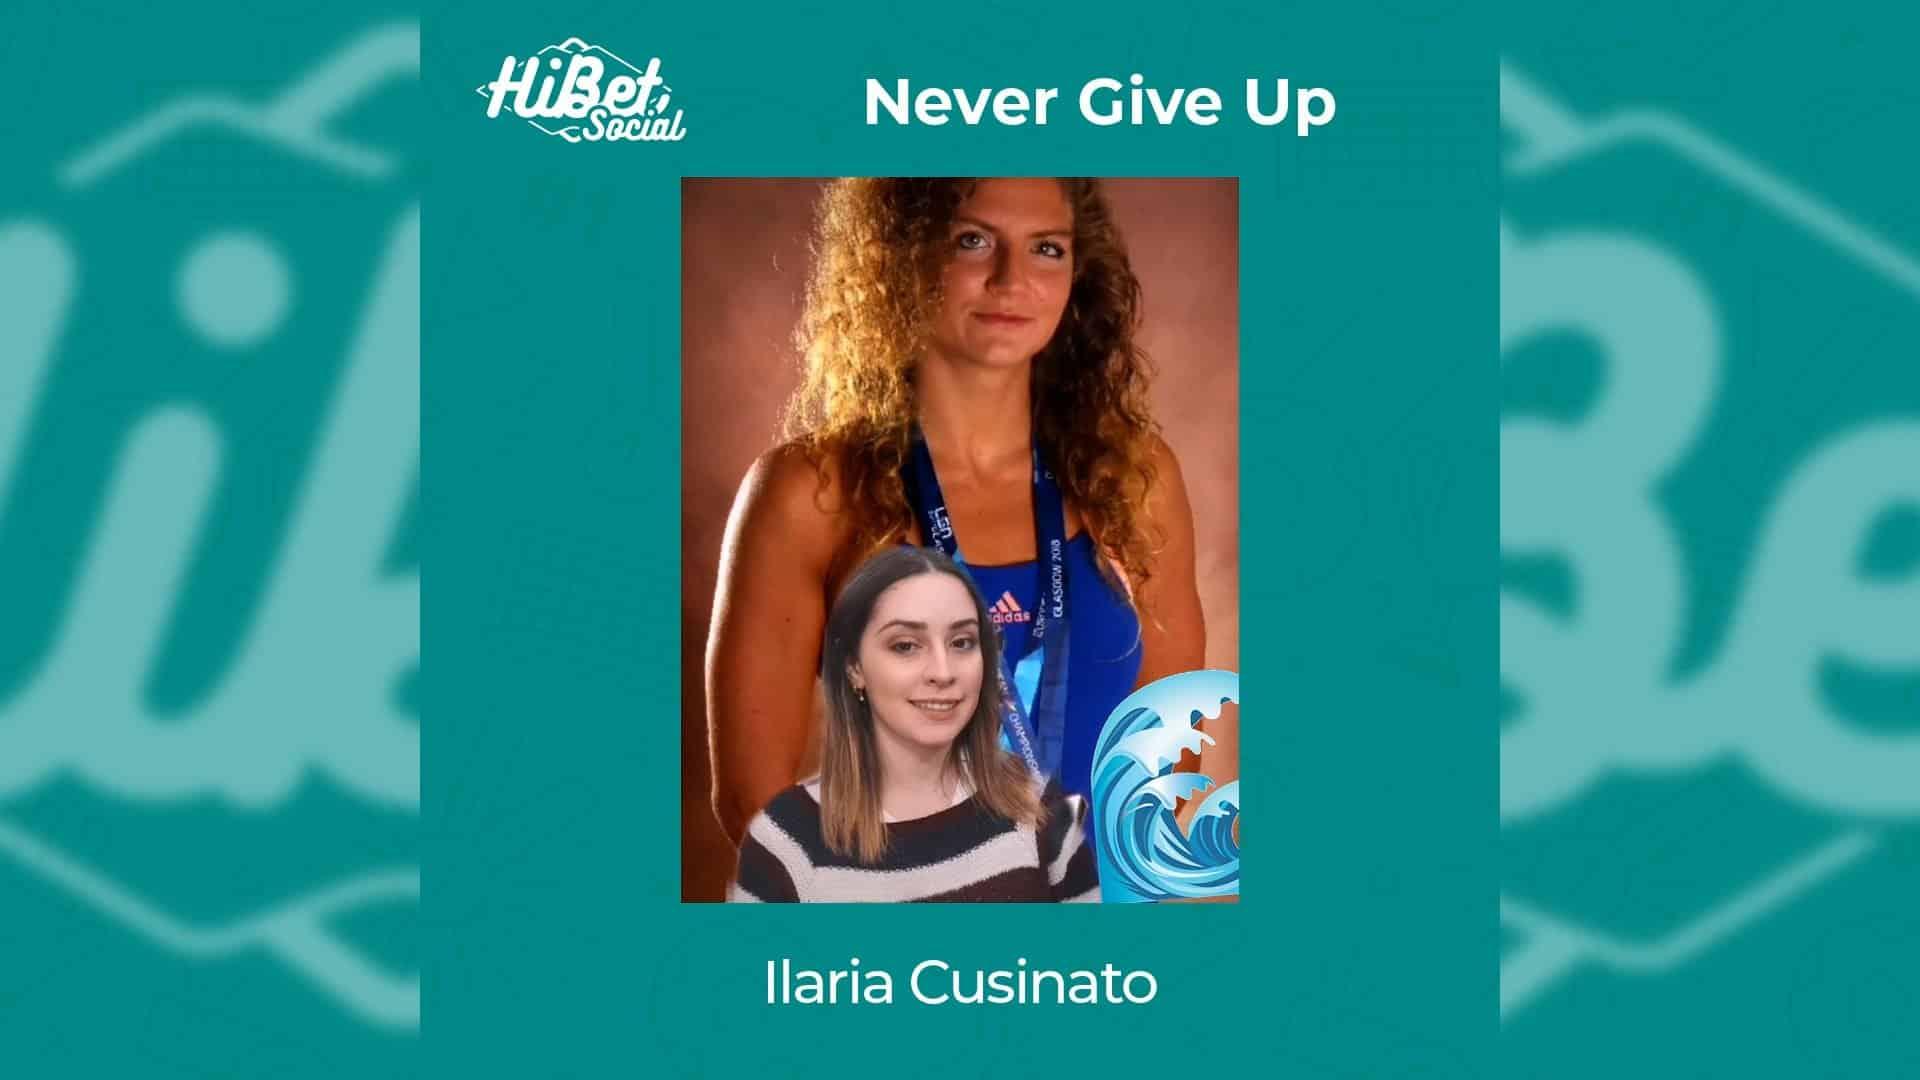 La testimonianza della nuotatrice italiana Ilaria Cusinato che ha sofferto di bulimia